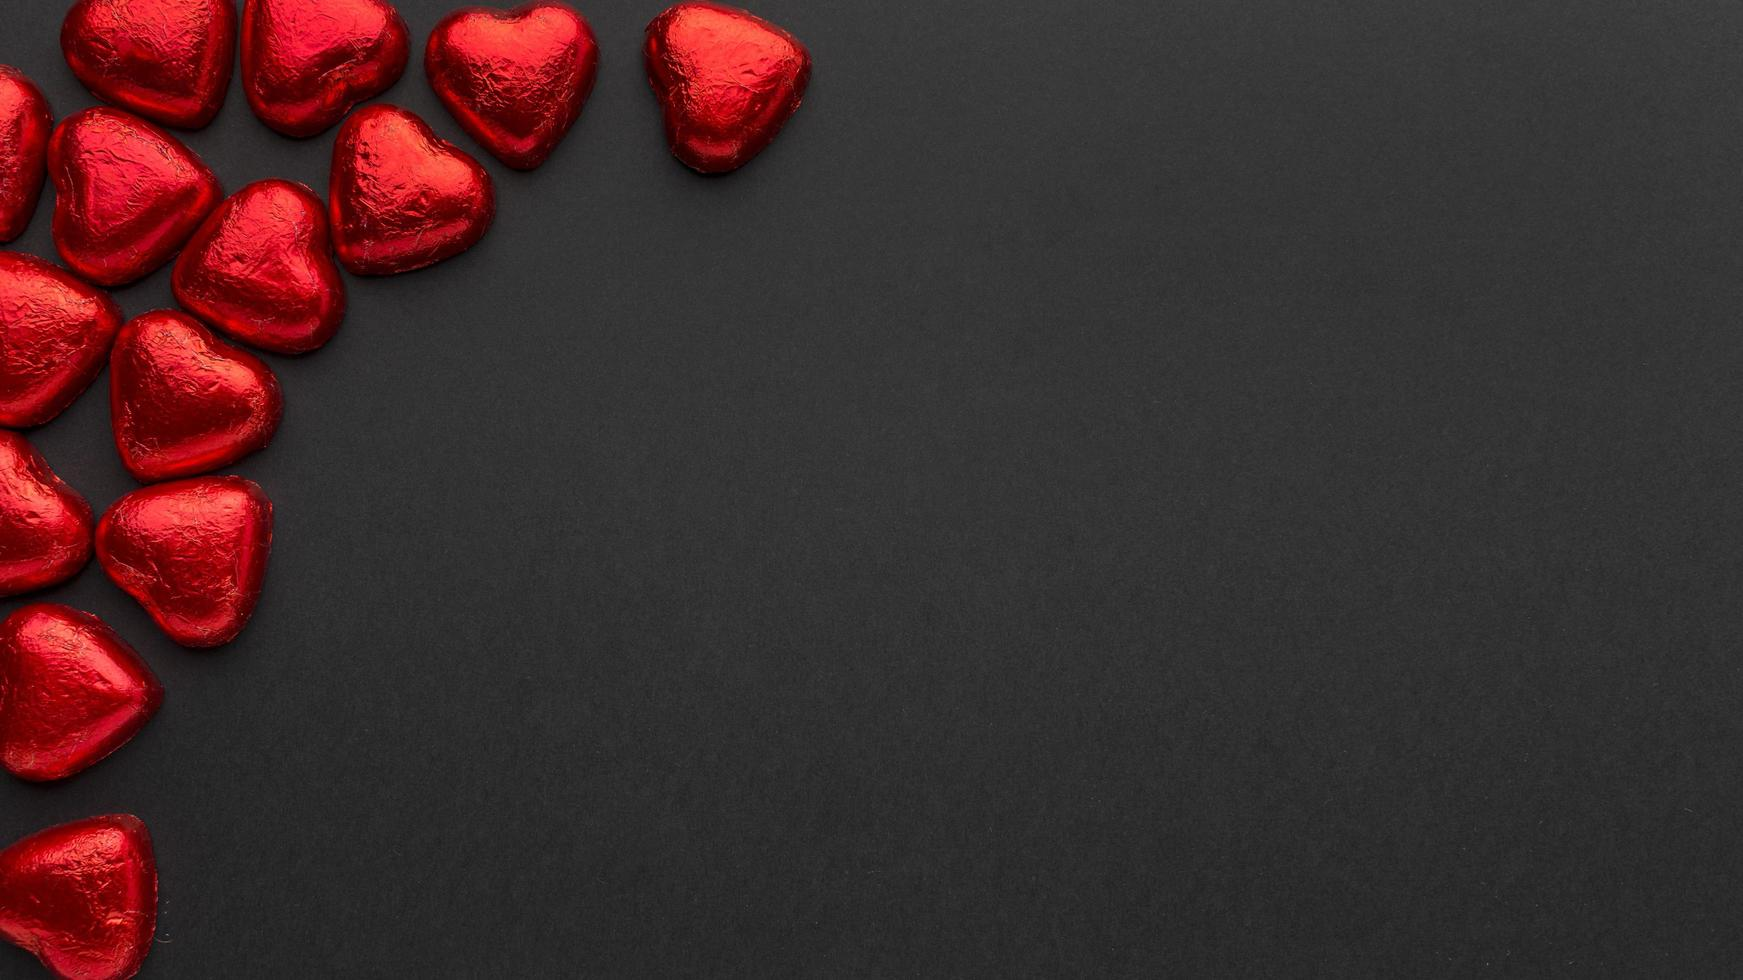 rode harten en kopieer de ruimte foto